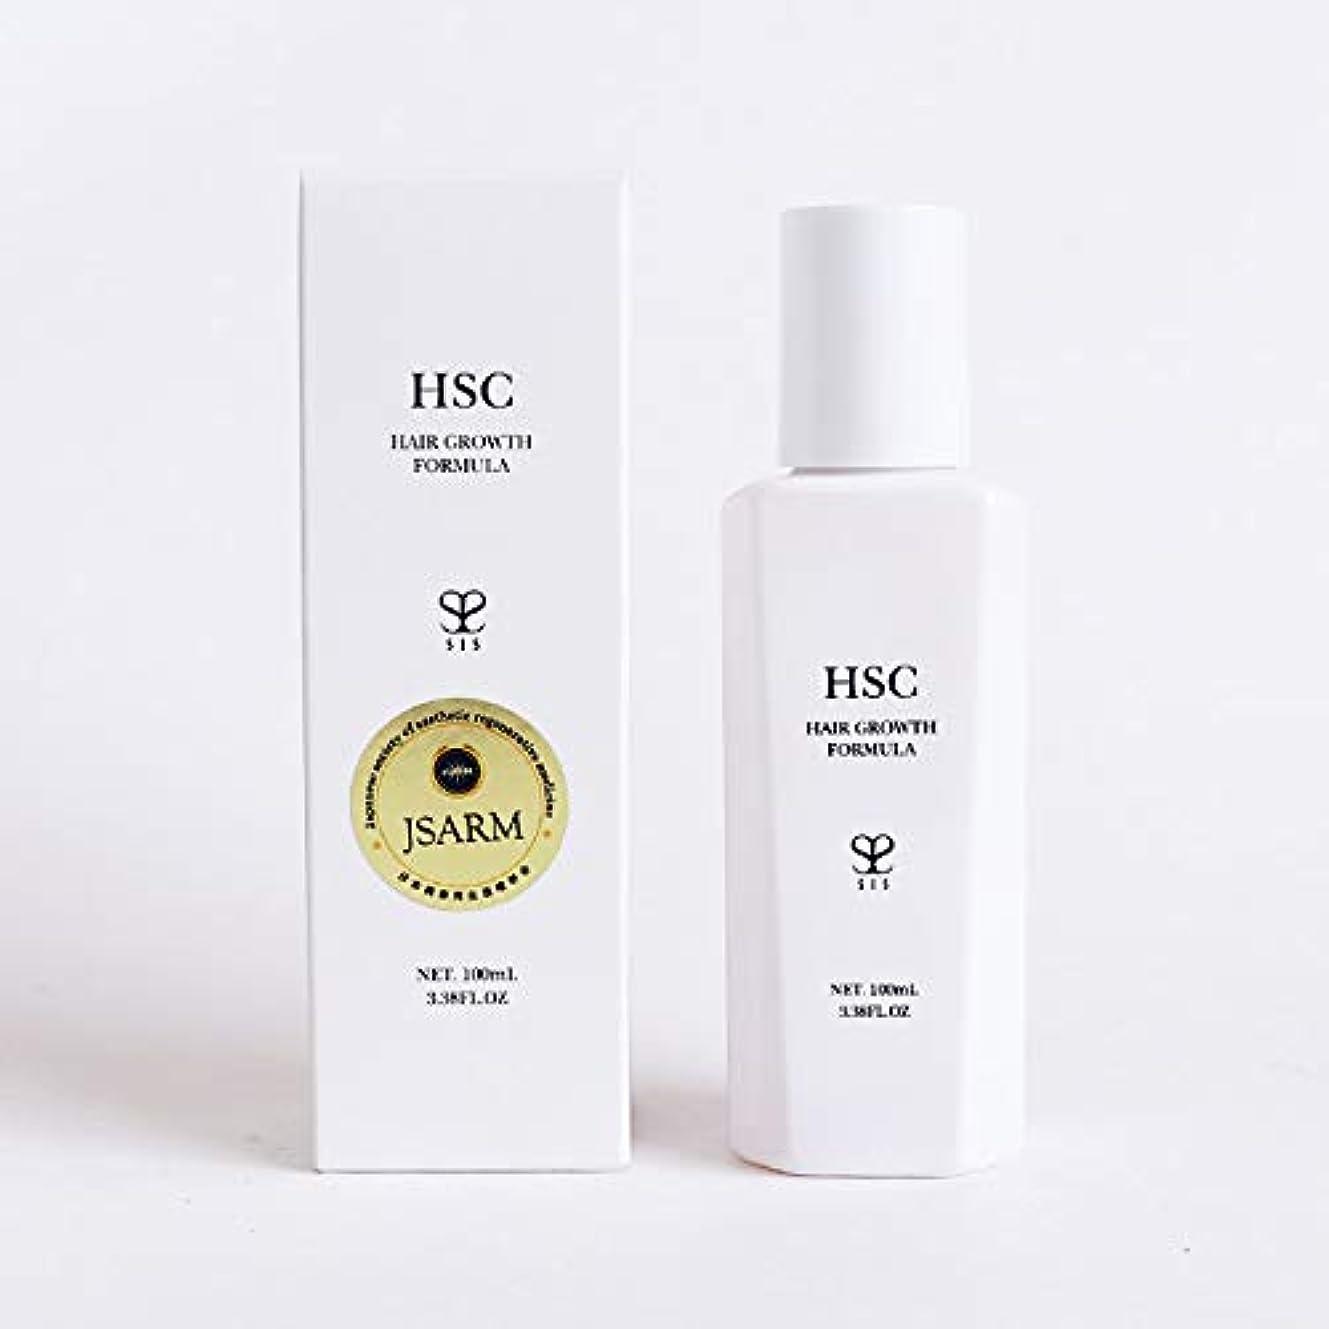 極小誇り調停するサロン専用 cosbi HSC ヒト幹細胞 育毛 養毛 強髪スパ 髪質改善 美髪 ヒト脂肪由来幹細胞培養液&アーユルヴェーダハーブ配合 コスビ